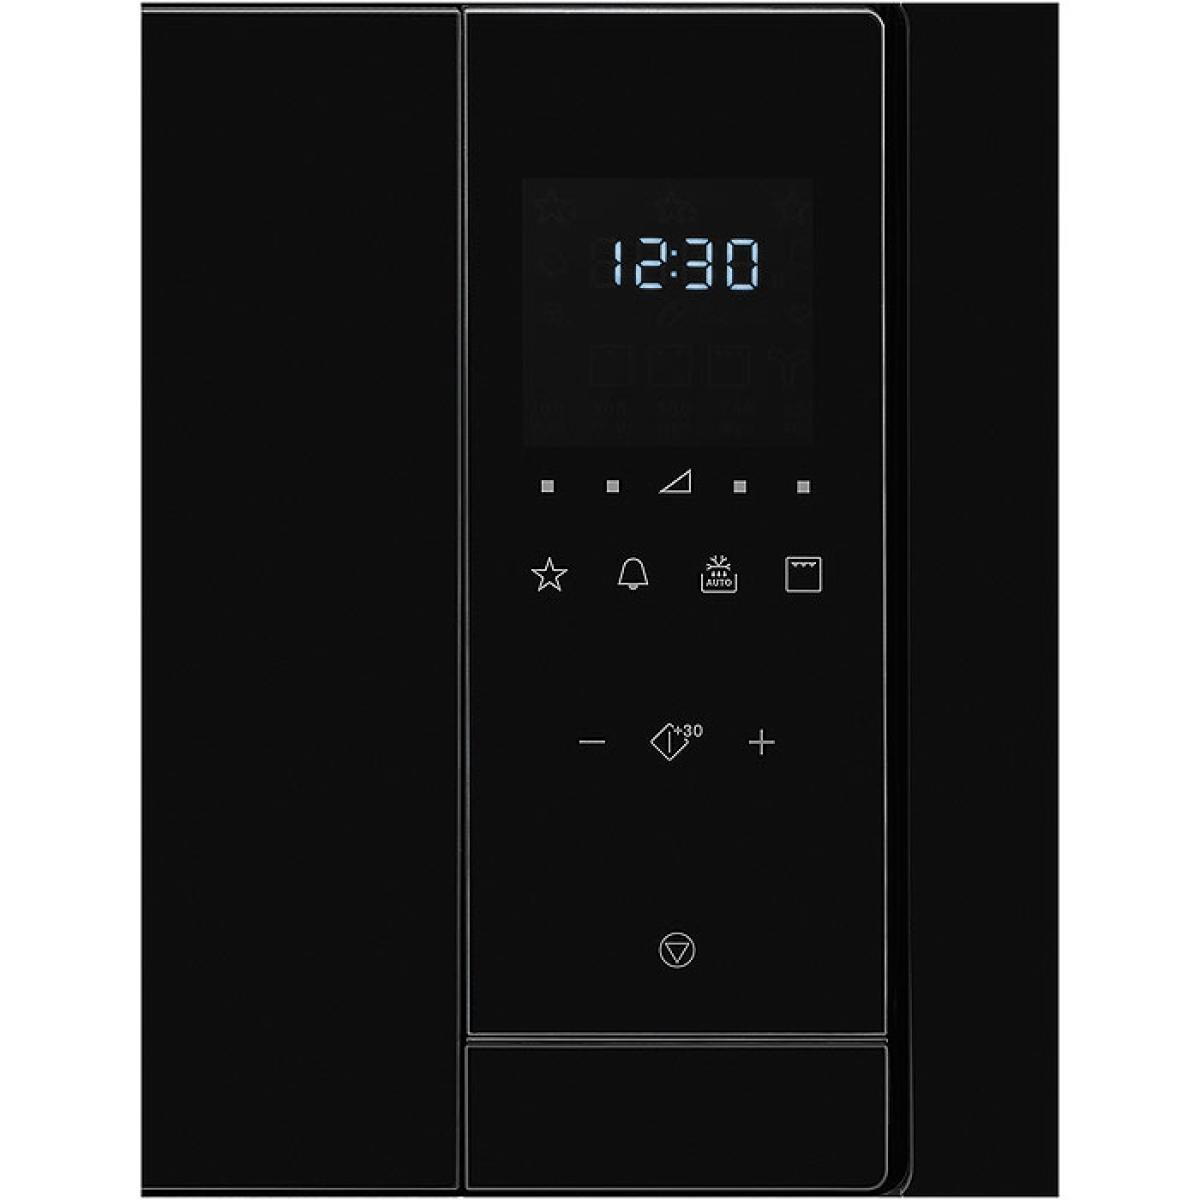 aeg msb2547d m einbau mikrowelle 38cm nischenh he f r hochschrank nicht f r h ngeschr nke. Black Bedroom Furniture Sets. Home Design Ideas